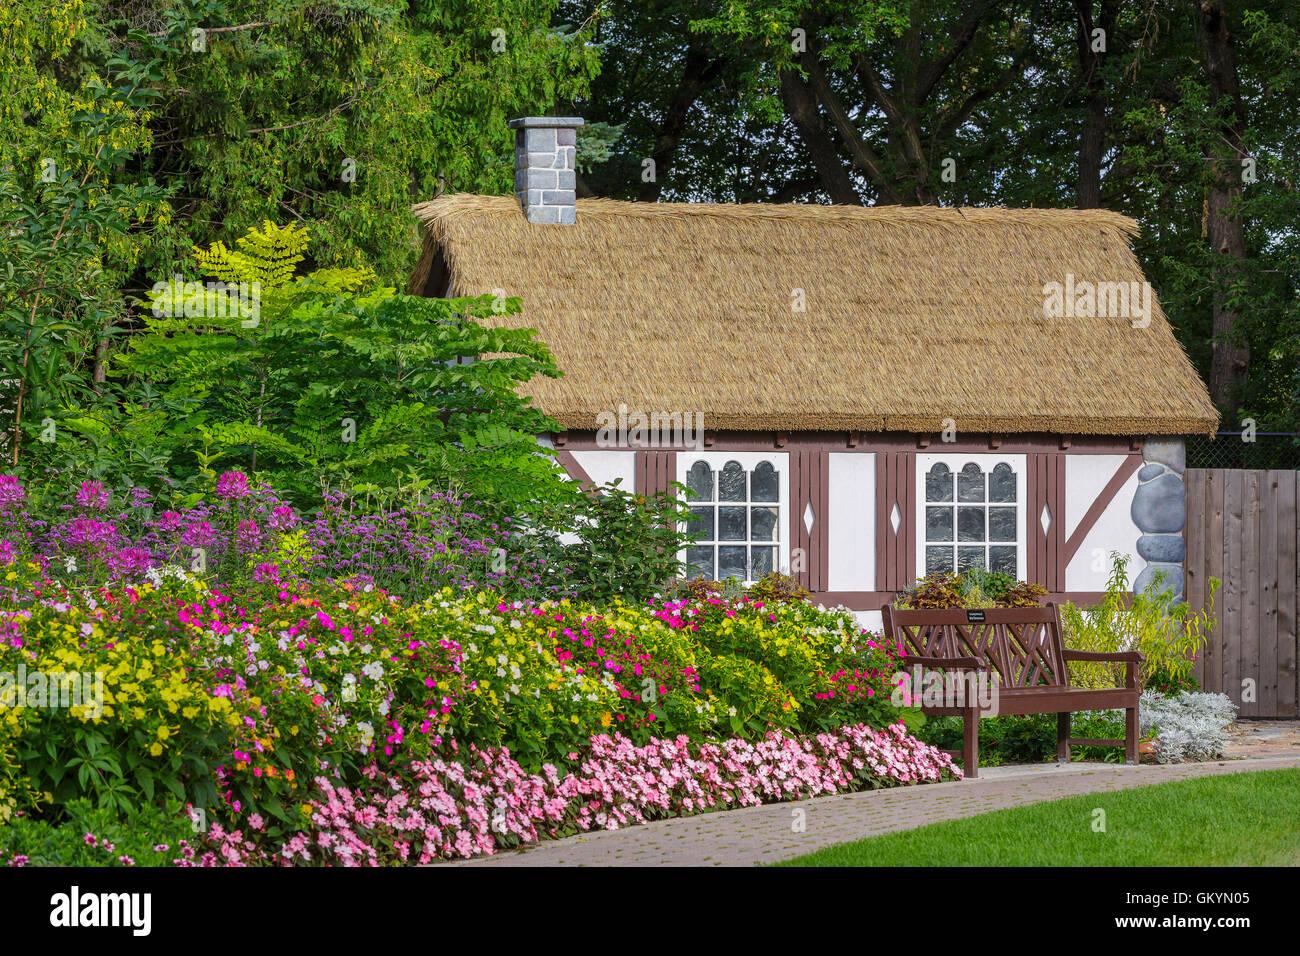 Chalet dans le jardin anglais, le parc Assiniboine, Winnipeg, Manitoba, Canada. Photo Stock